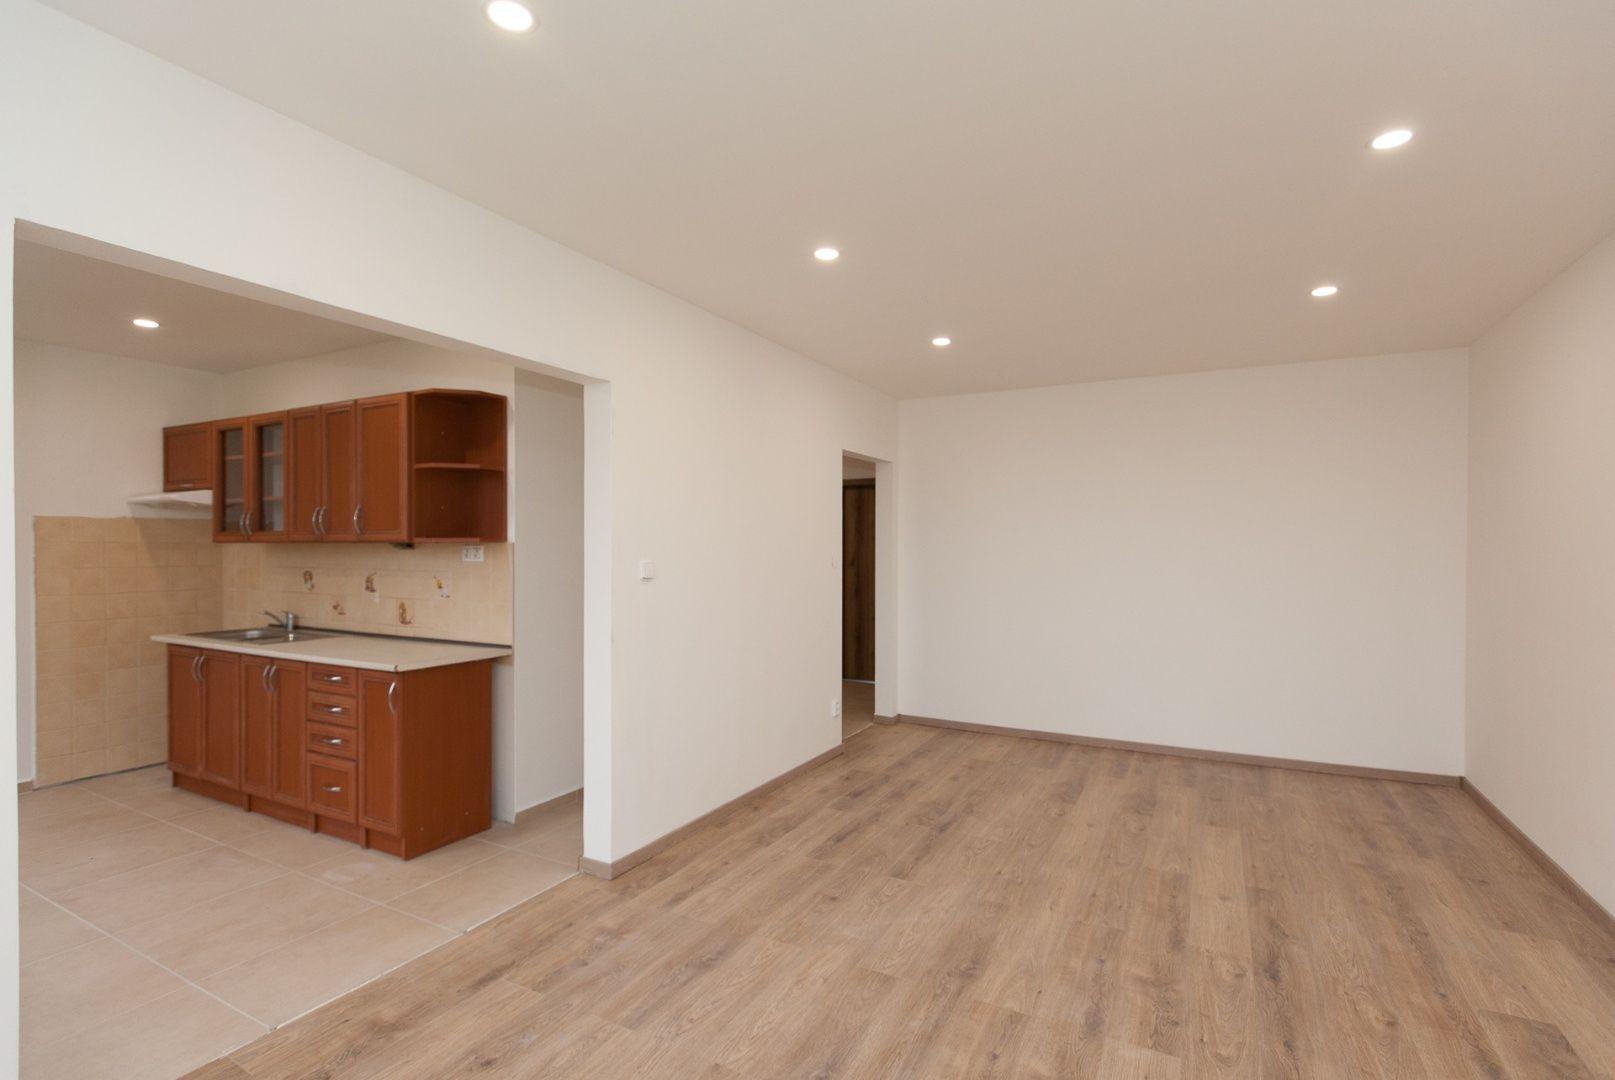 3-izbový byt-Predaj-Sládkovičovo-87900.00 €